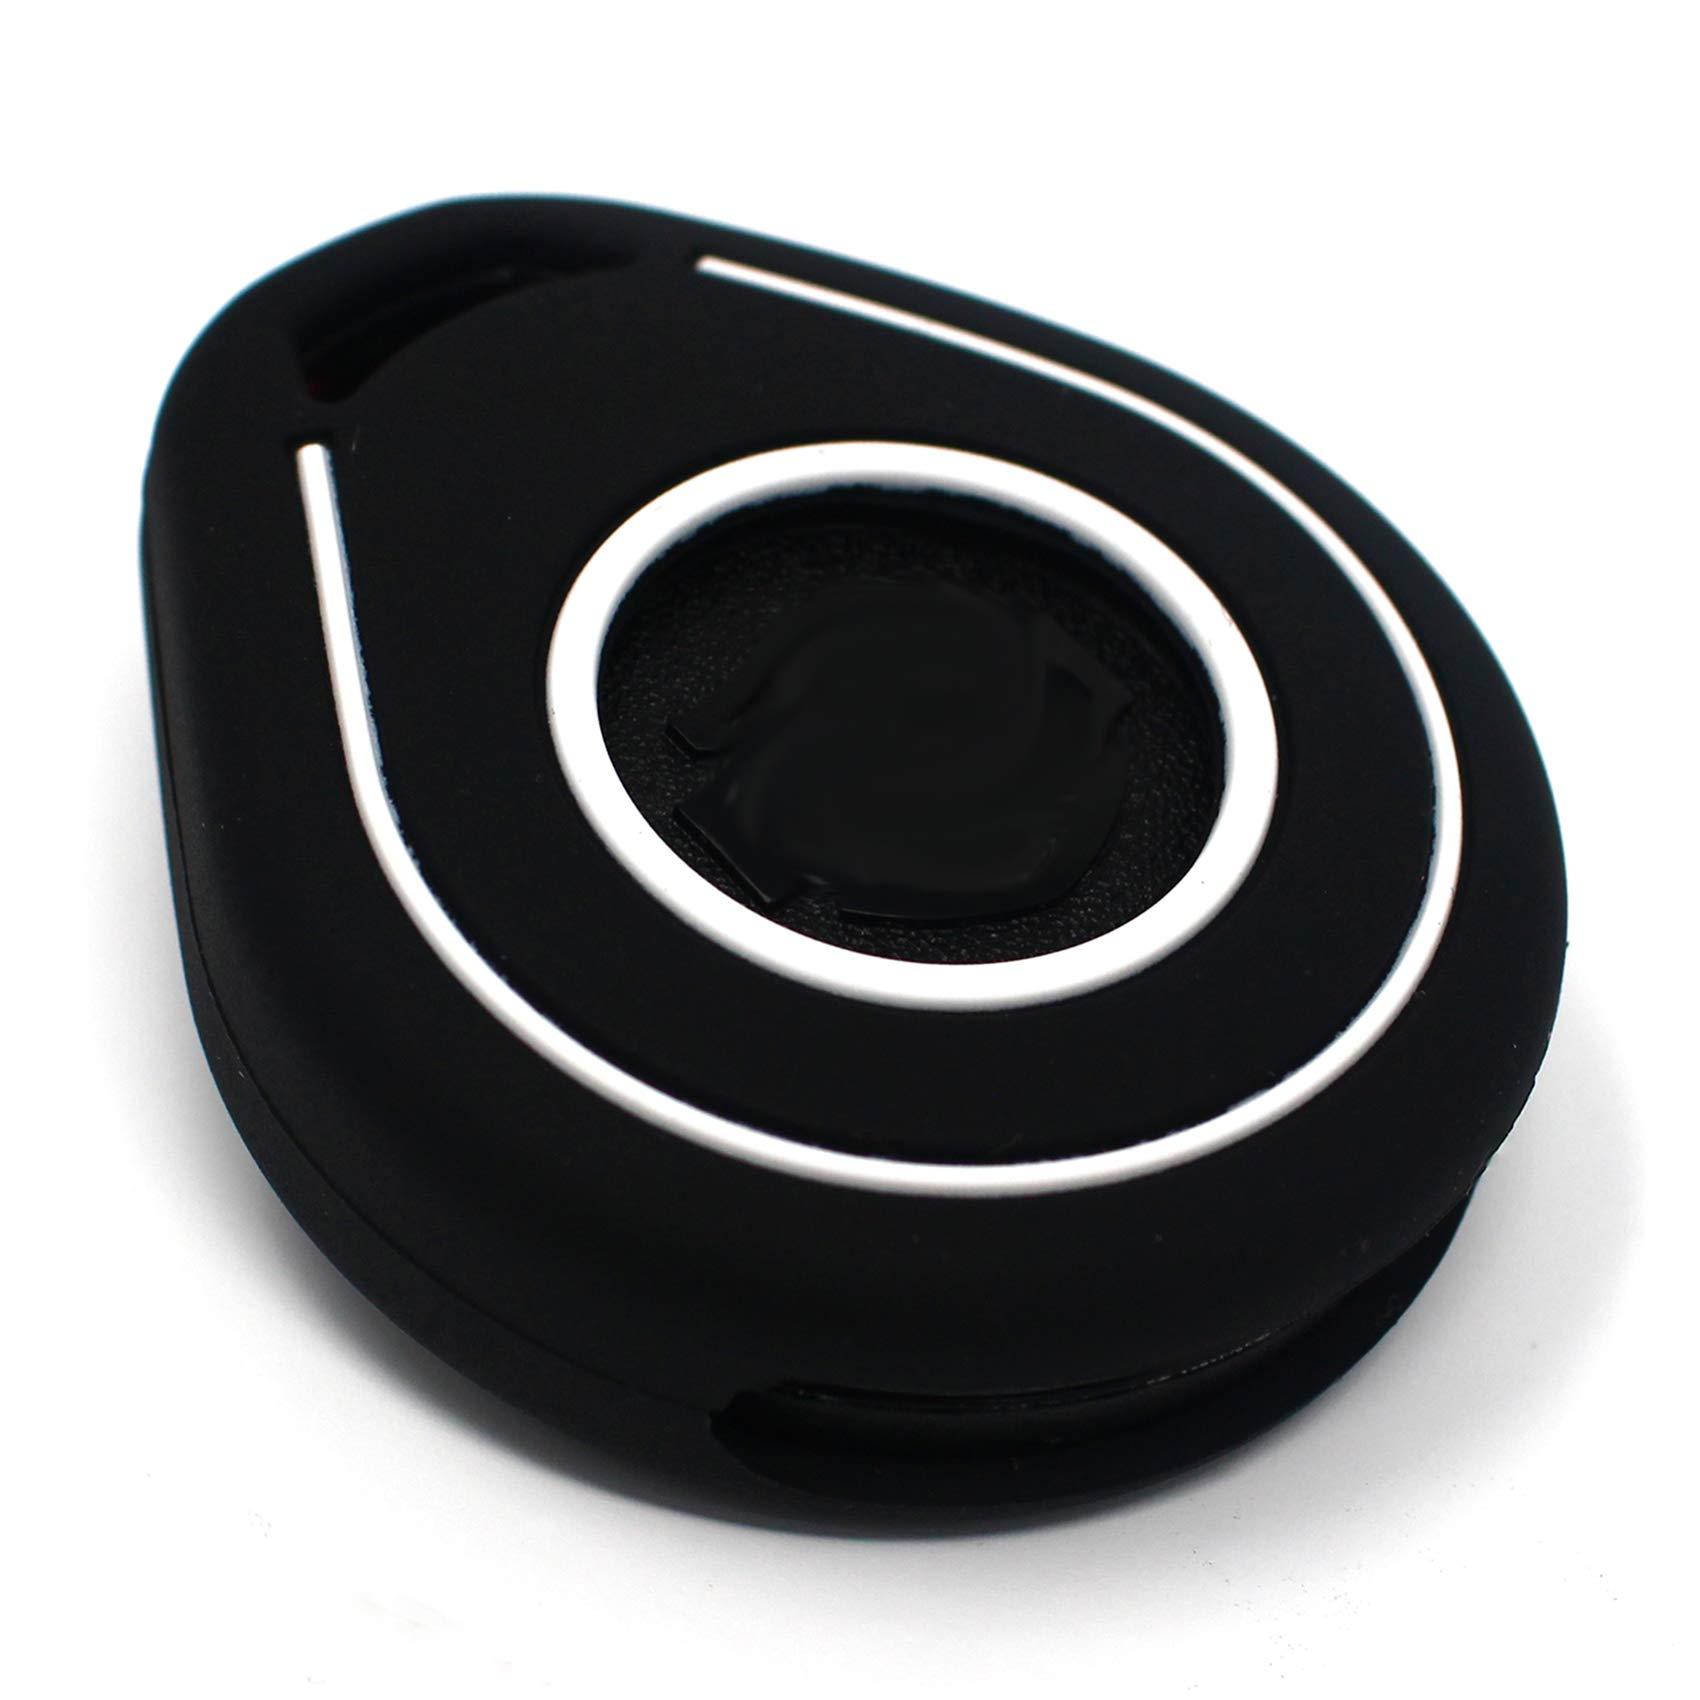 Funda para Llave de Moto HAB de Silicona, Keyless Go (Negro Blanco): Amazon.es: Coche y moto